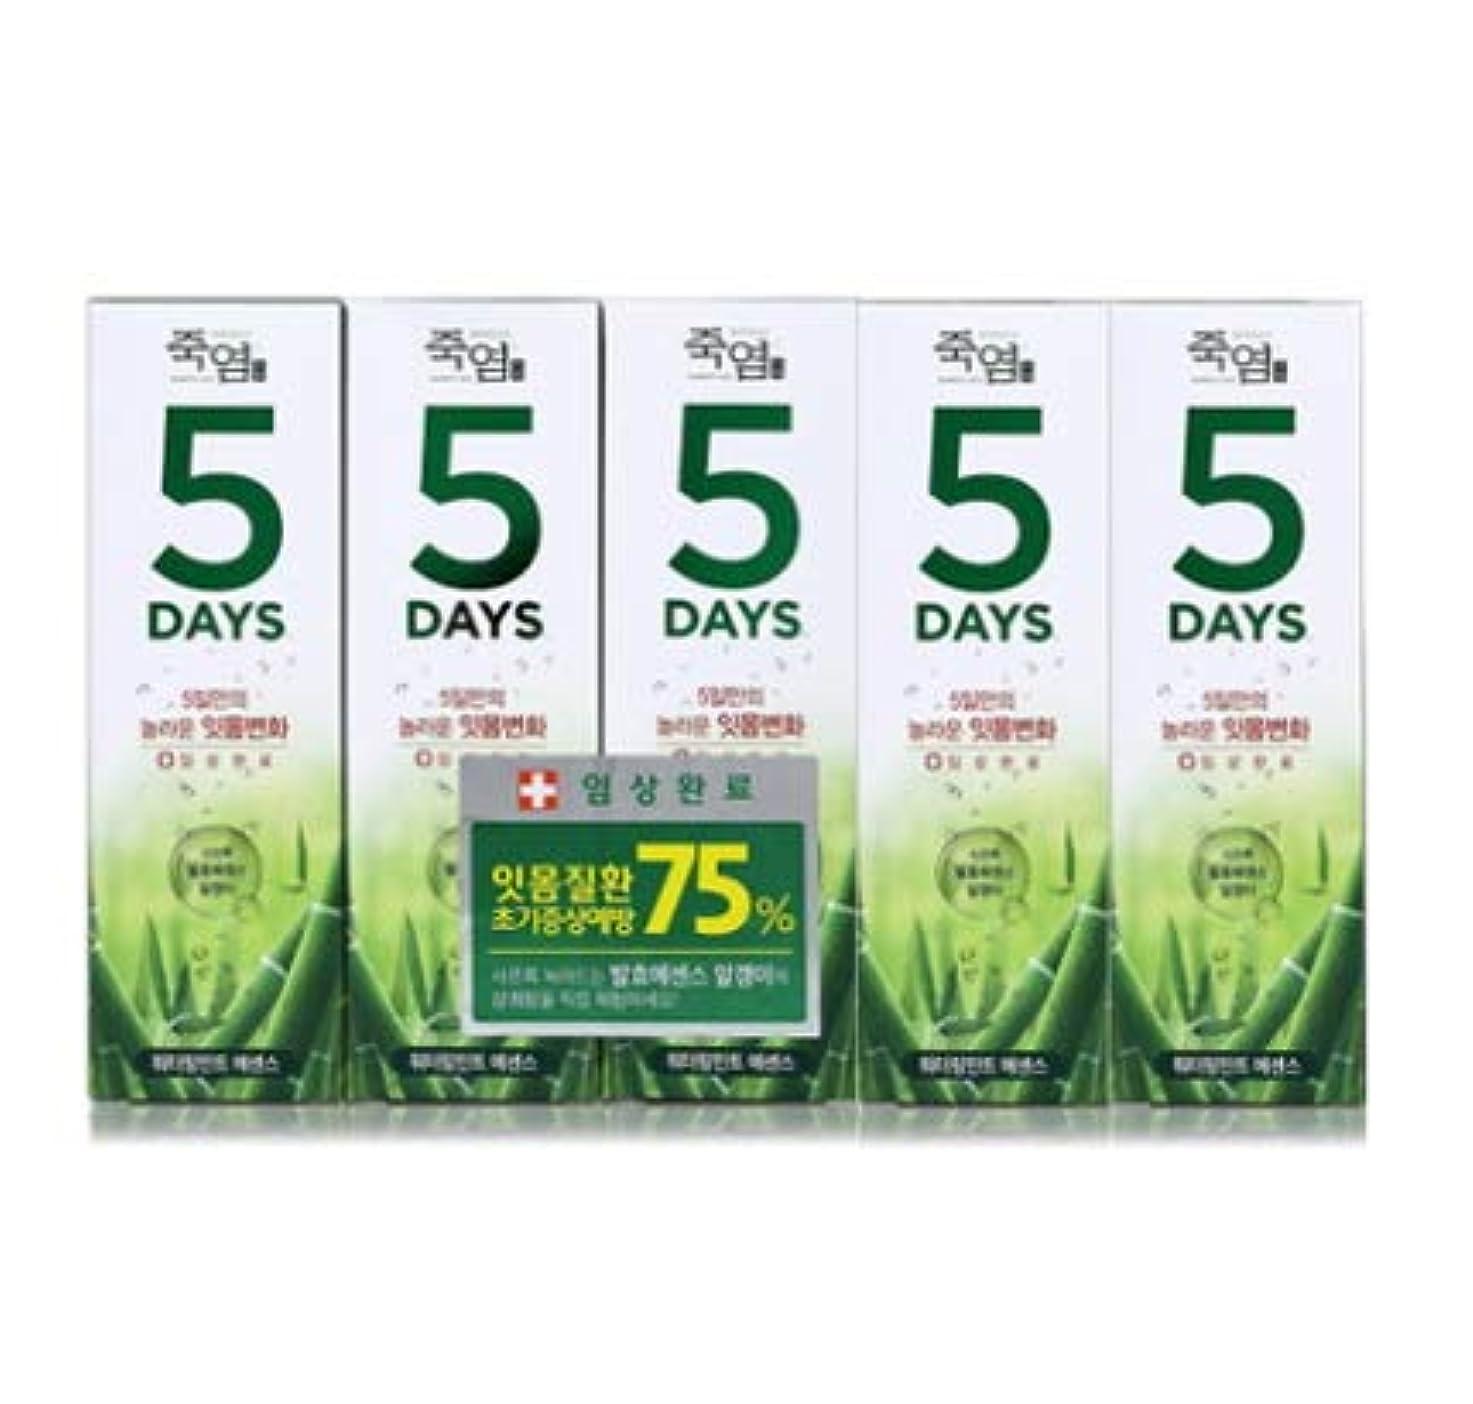 ヘルパー特権的契約した[LG Care/LG生活健康]竹塩歯磨き粉5daysウォーターリングミント100g x5ea/歯磨きセットスペシャル?リミテッドToothpaste Set Special Limited Korea(海外直送品)